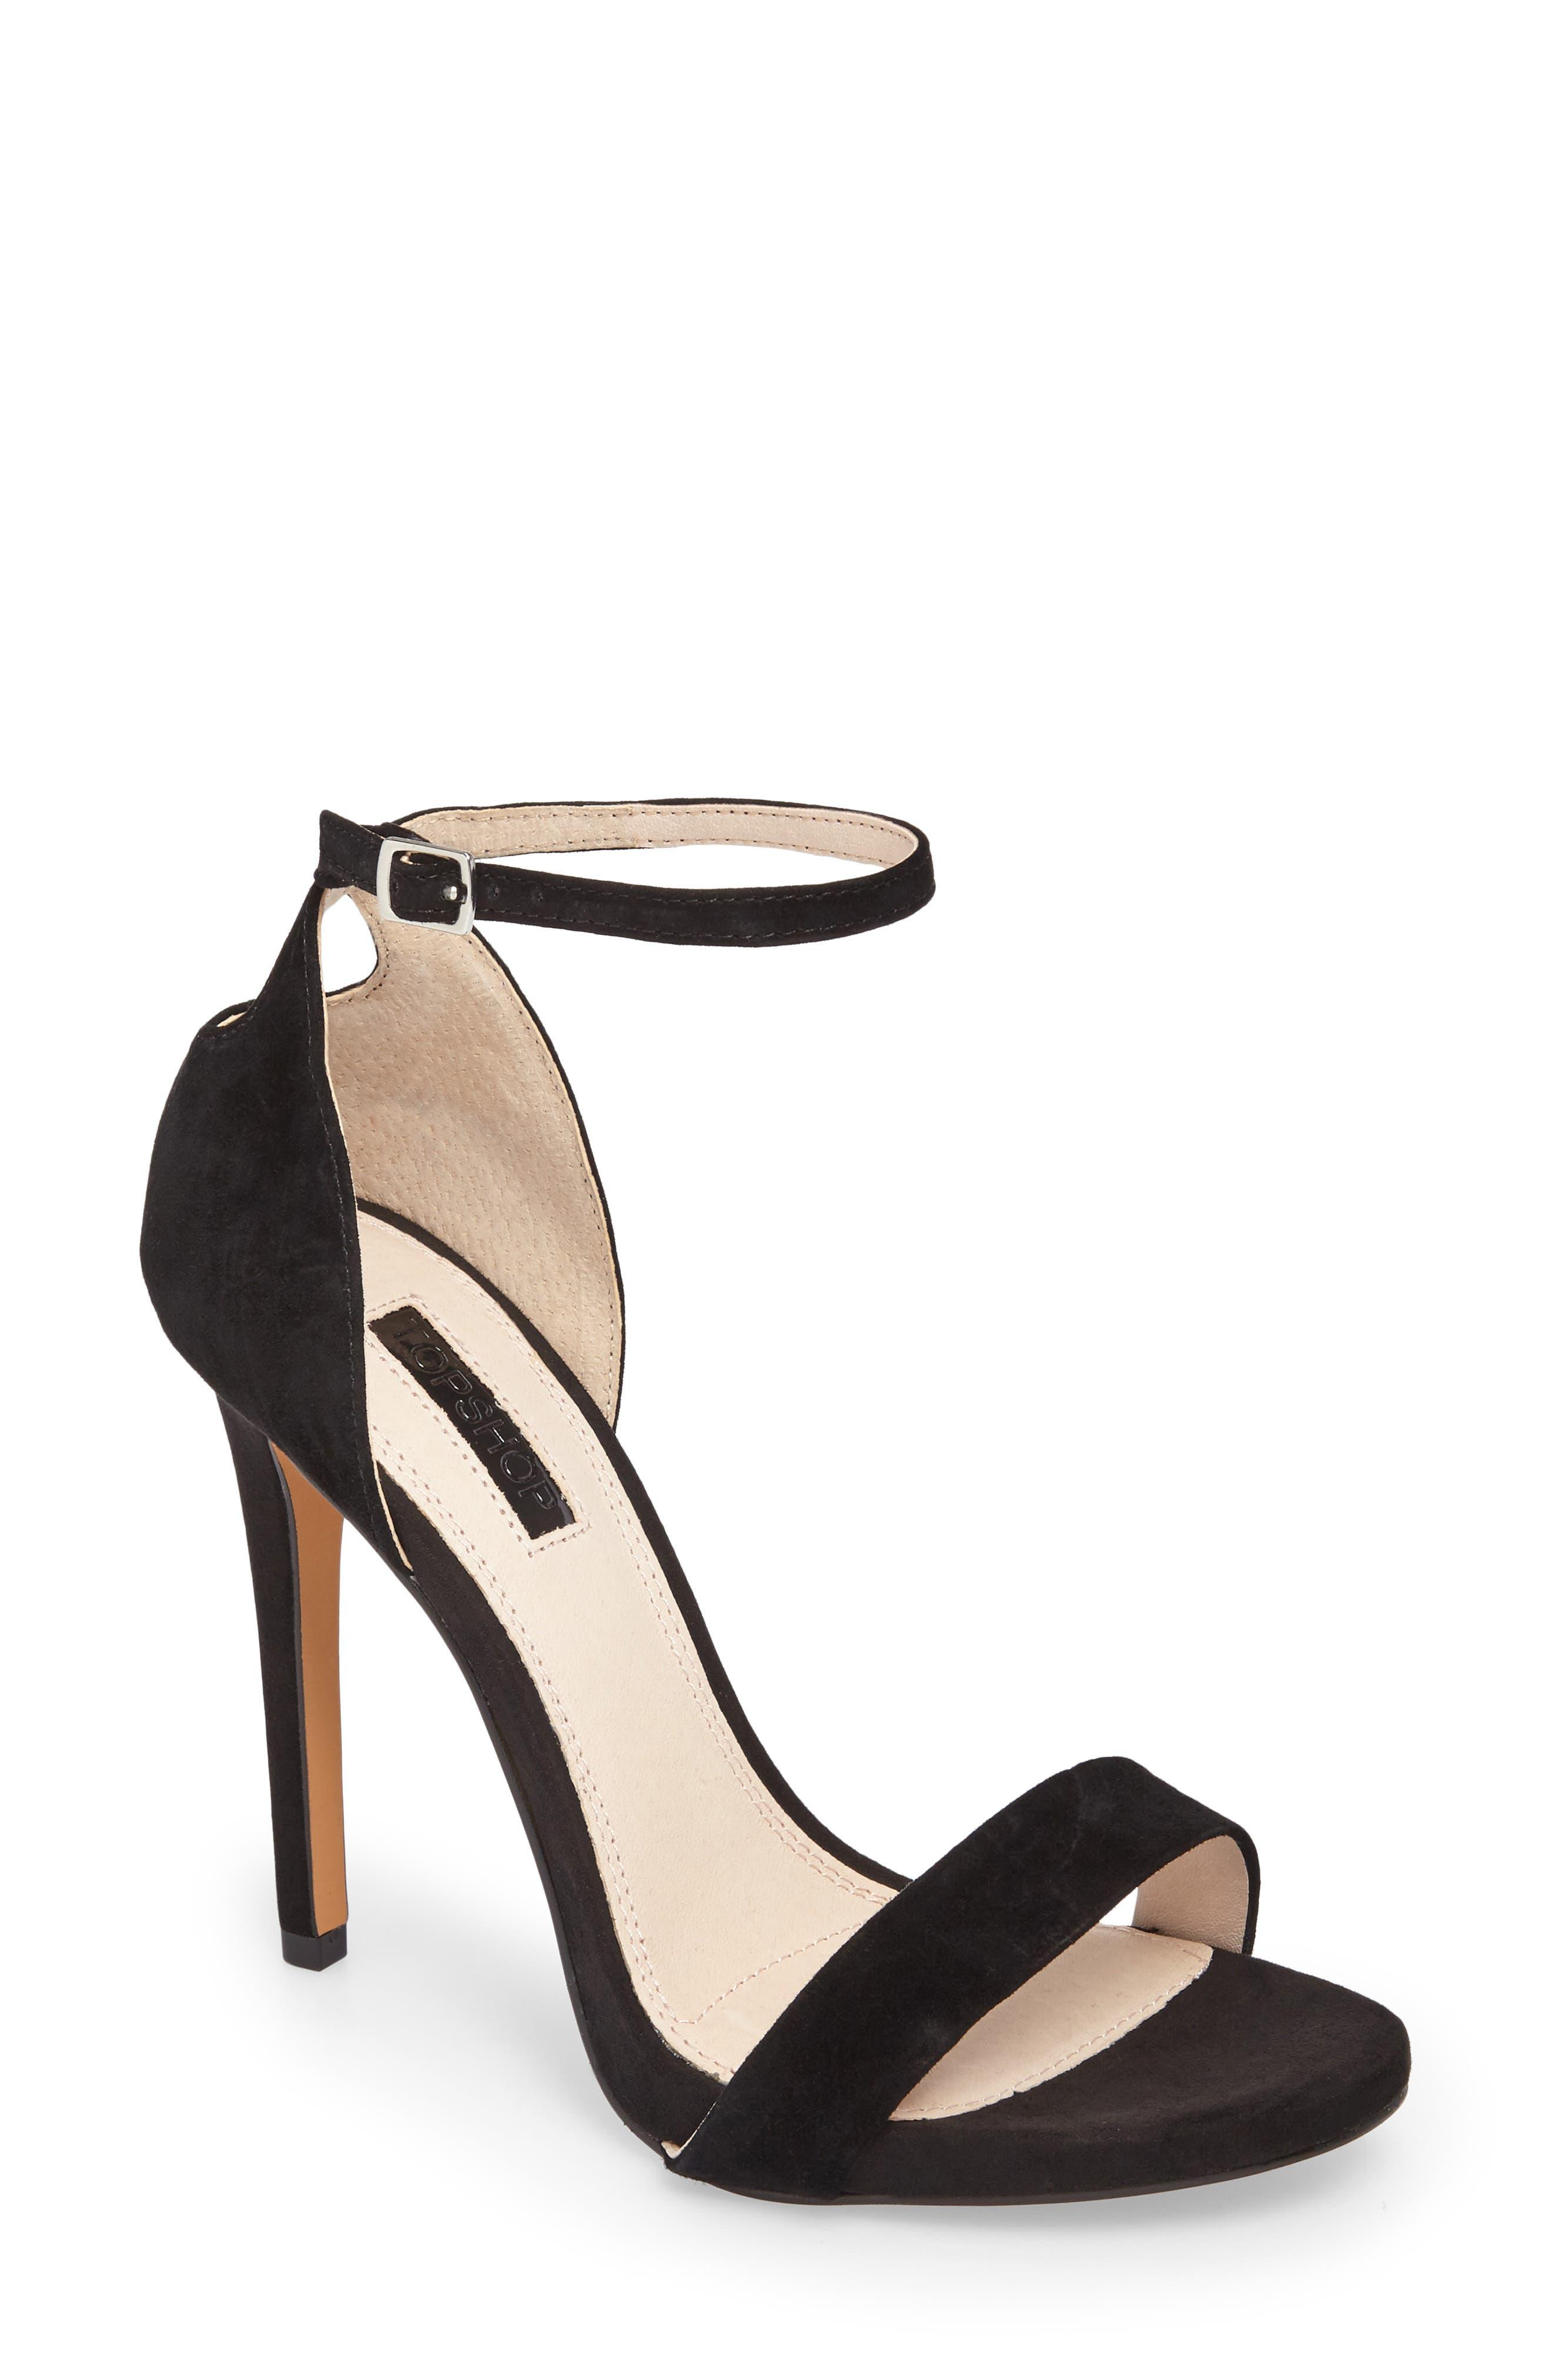 Raphie Ankle Strap Sandal,                             Main thumbnail 1, color,                             001